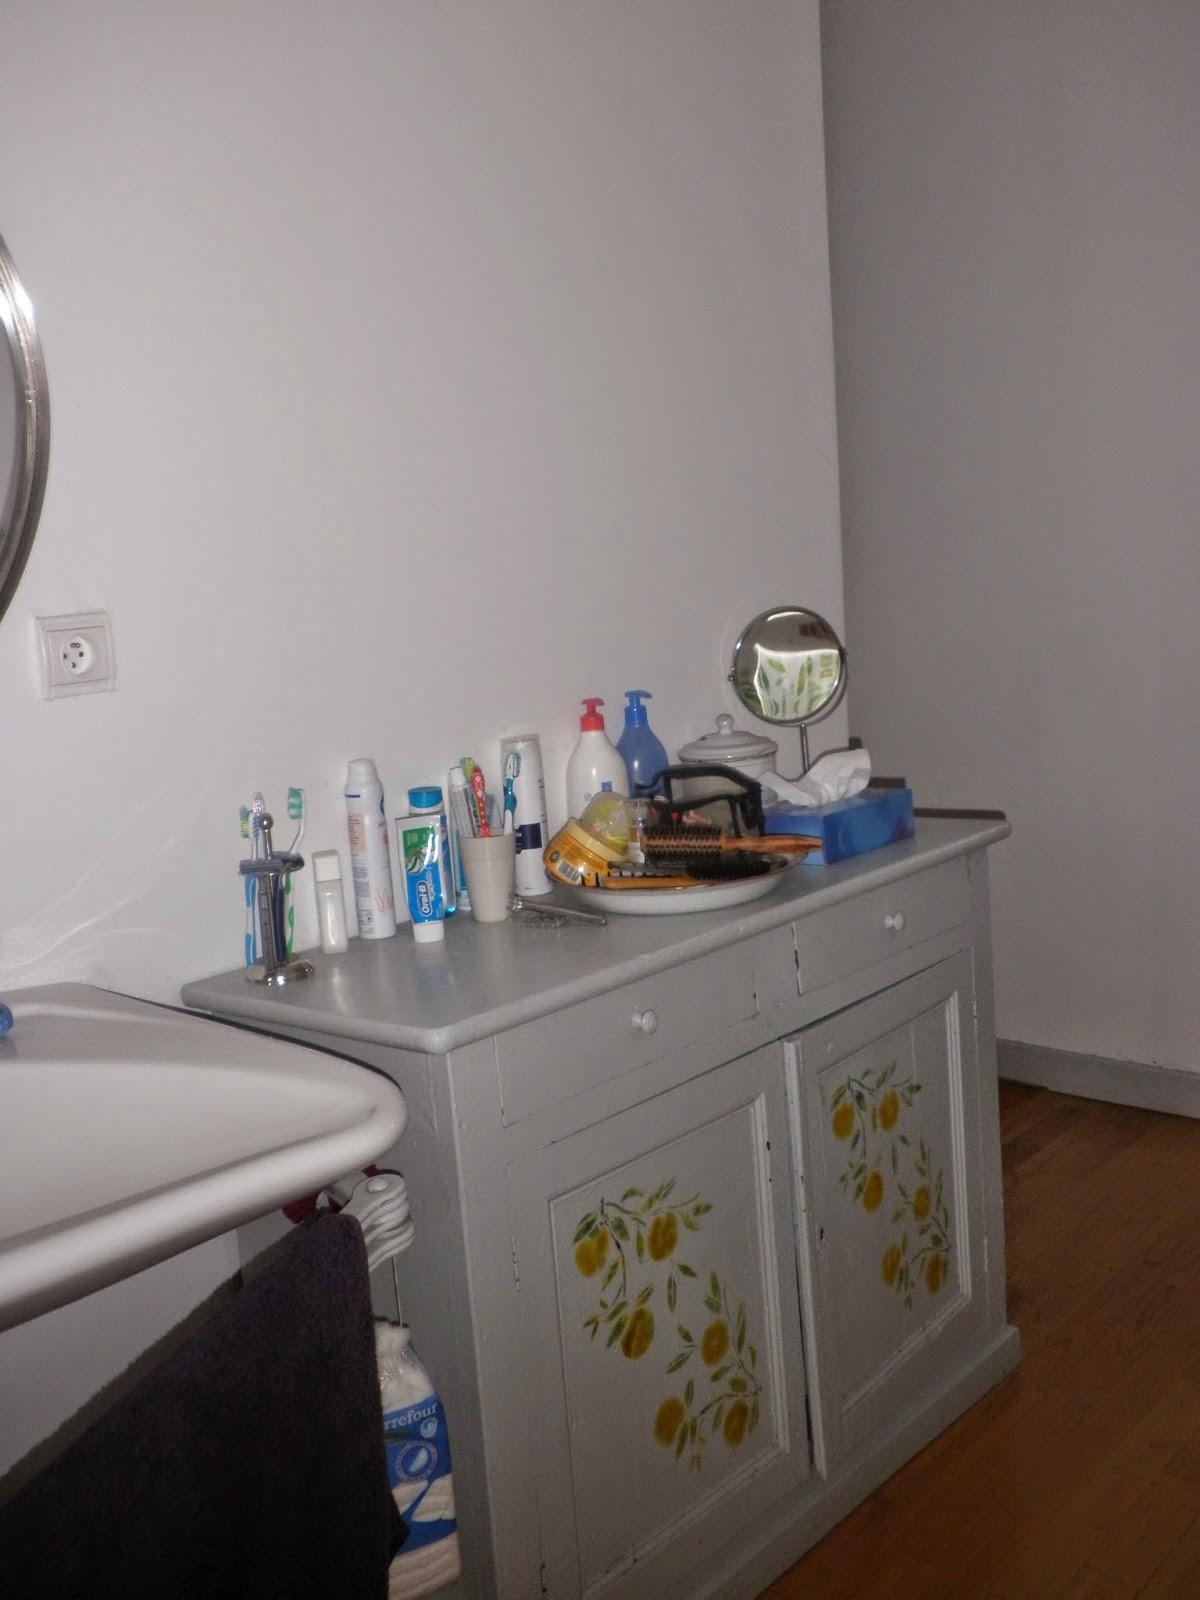 Le jardin des simples pfutt pfutt une salle de bains - Je decore salle de bain ...